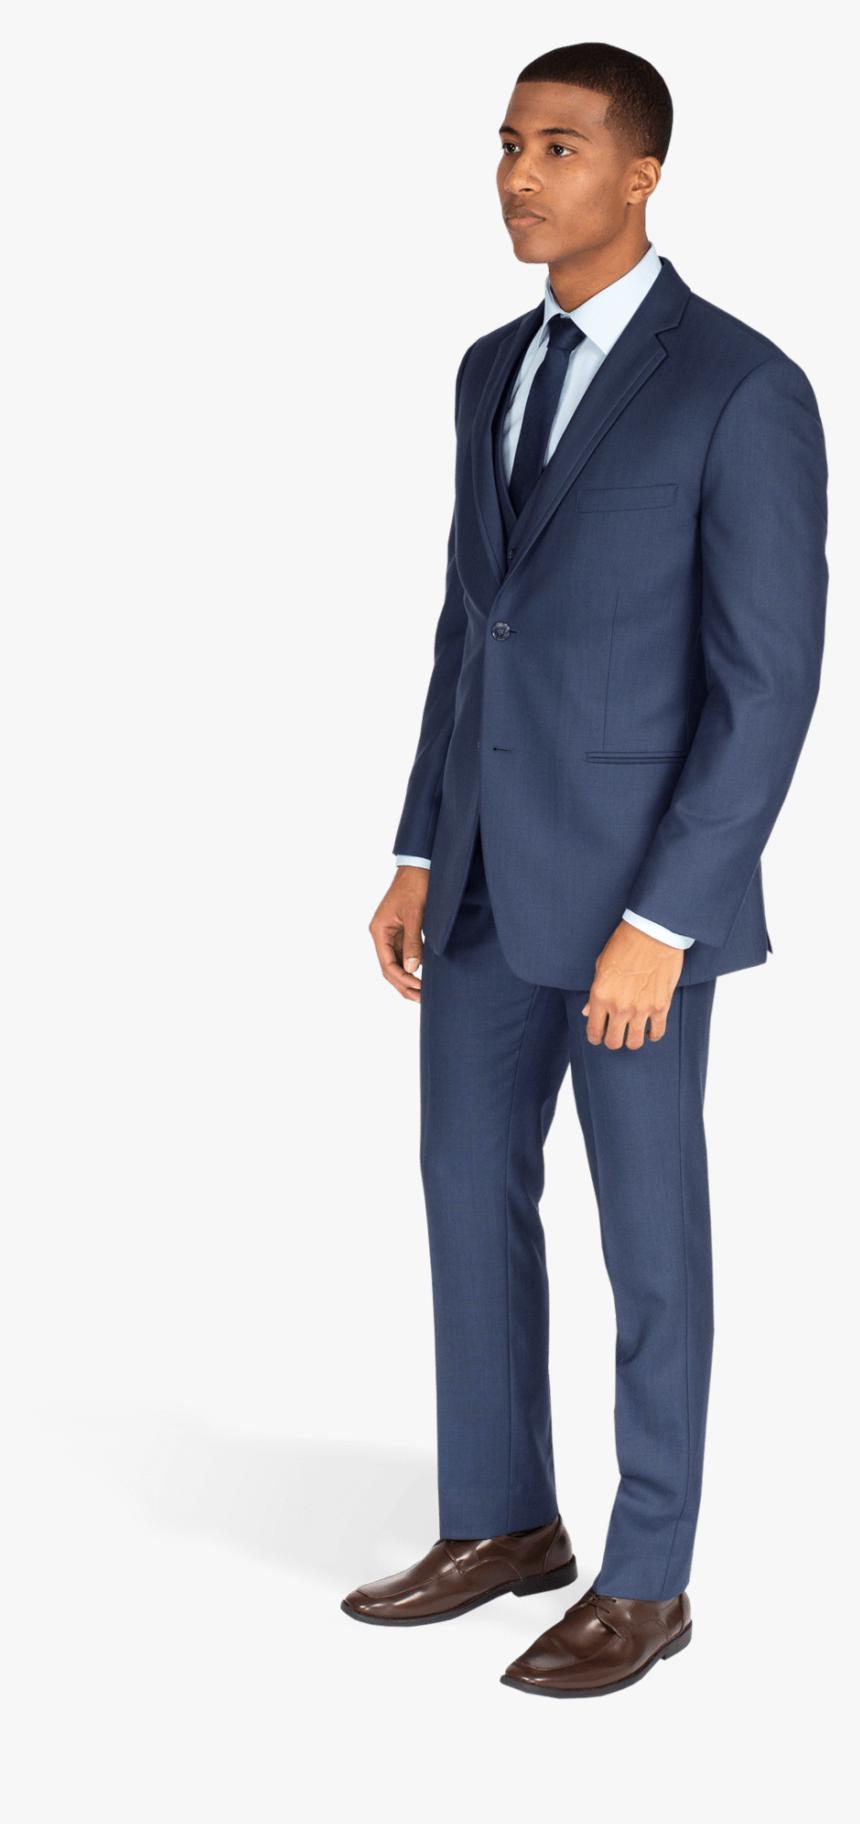 Dark Blue Broadway Suit By Ike Behar Online Suit Rental